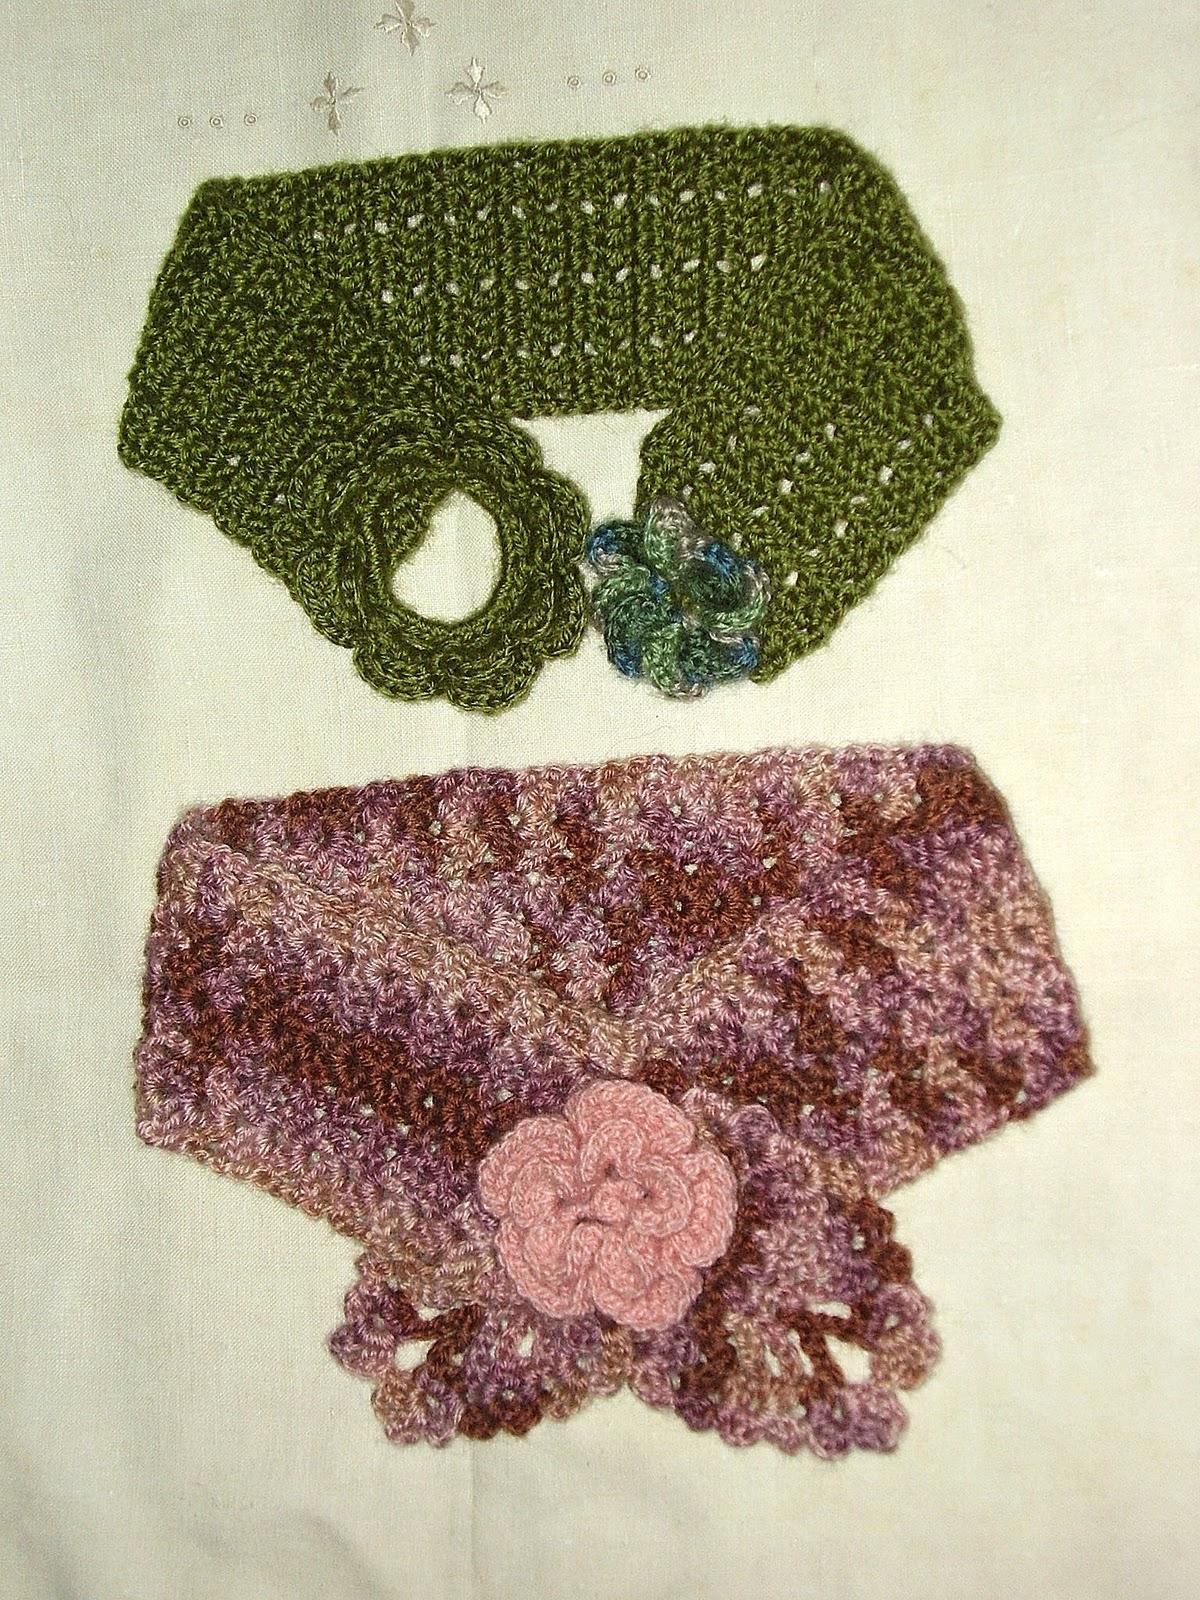 los que también voy a presentar , están hechos en crochet con lana